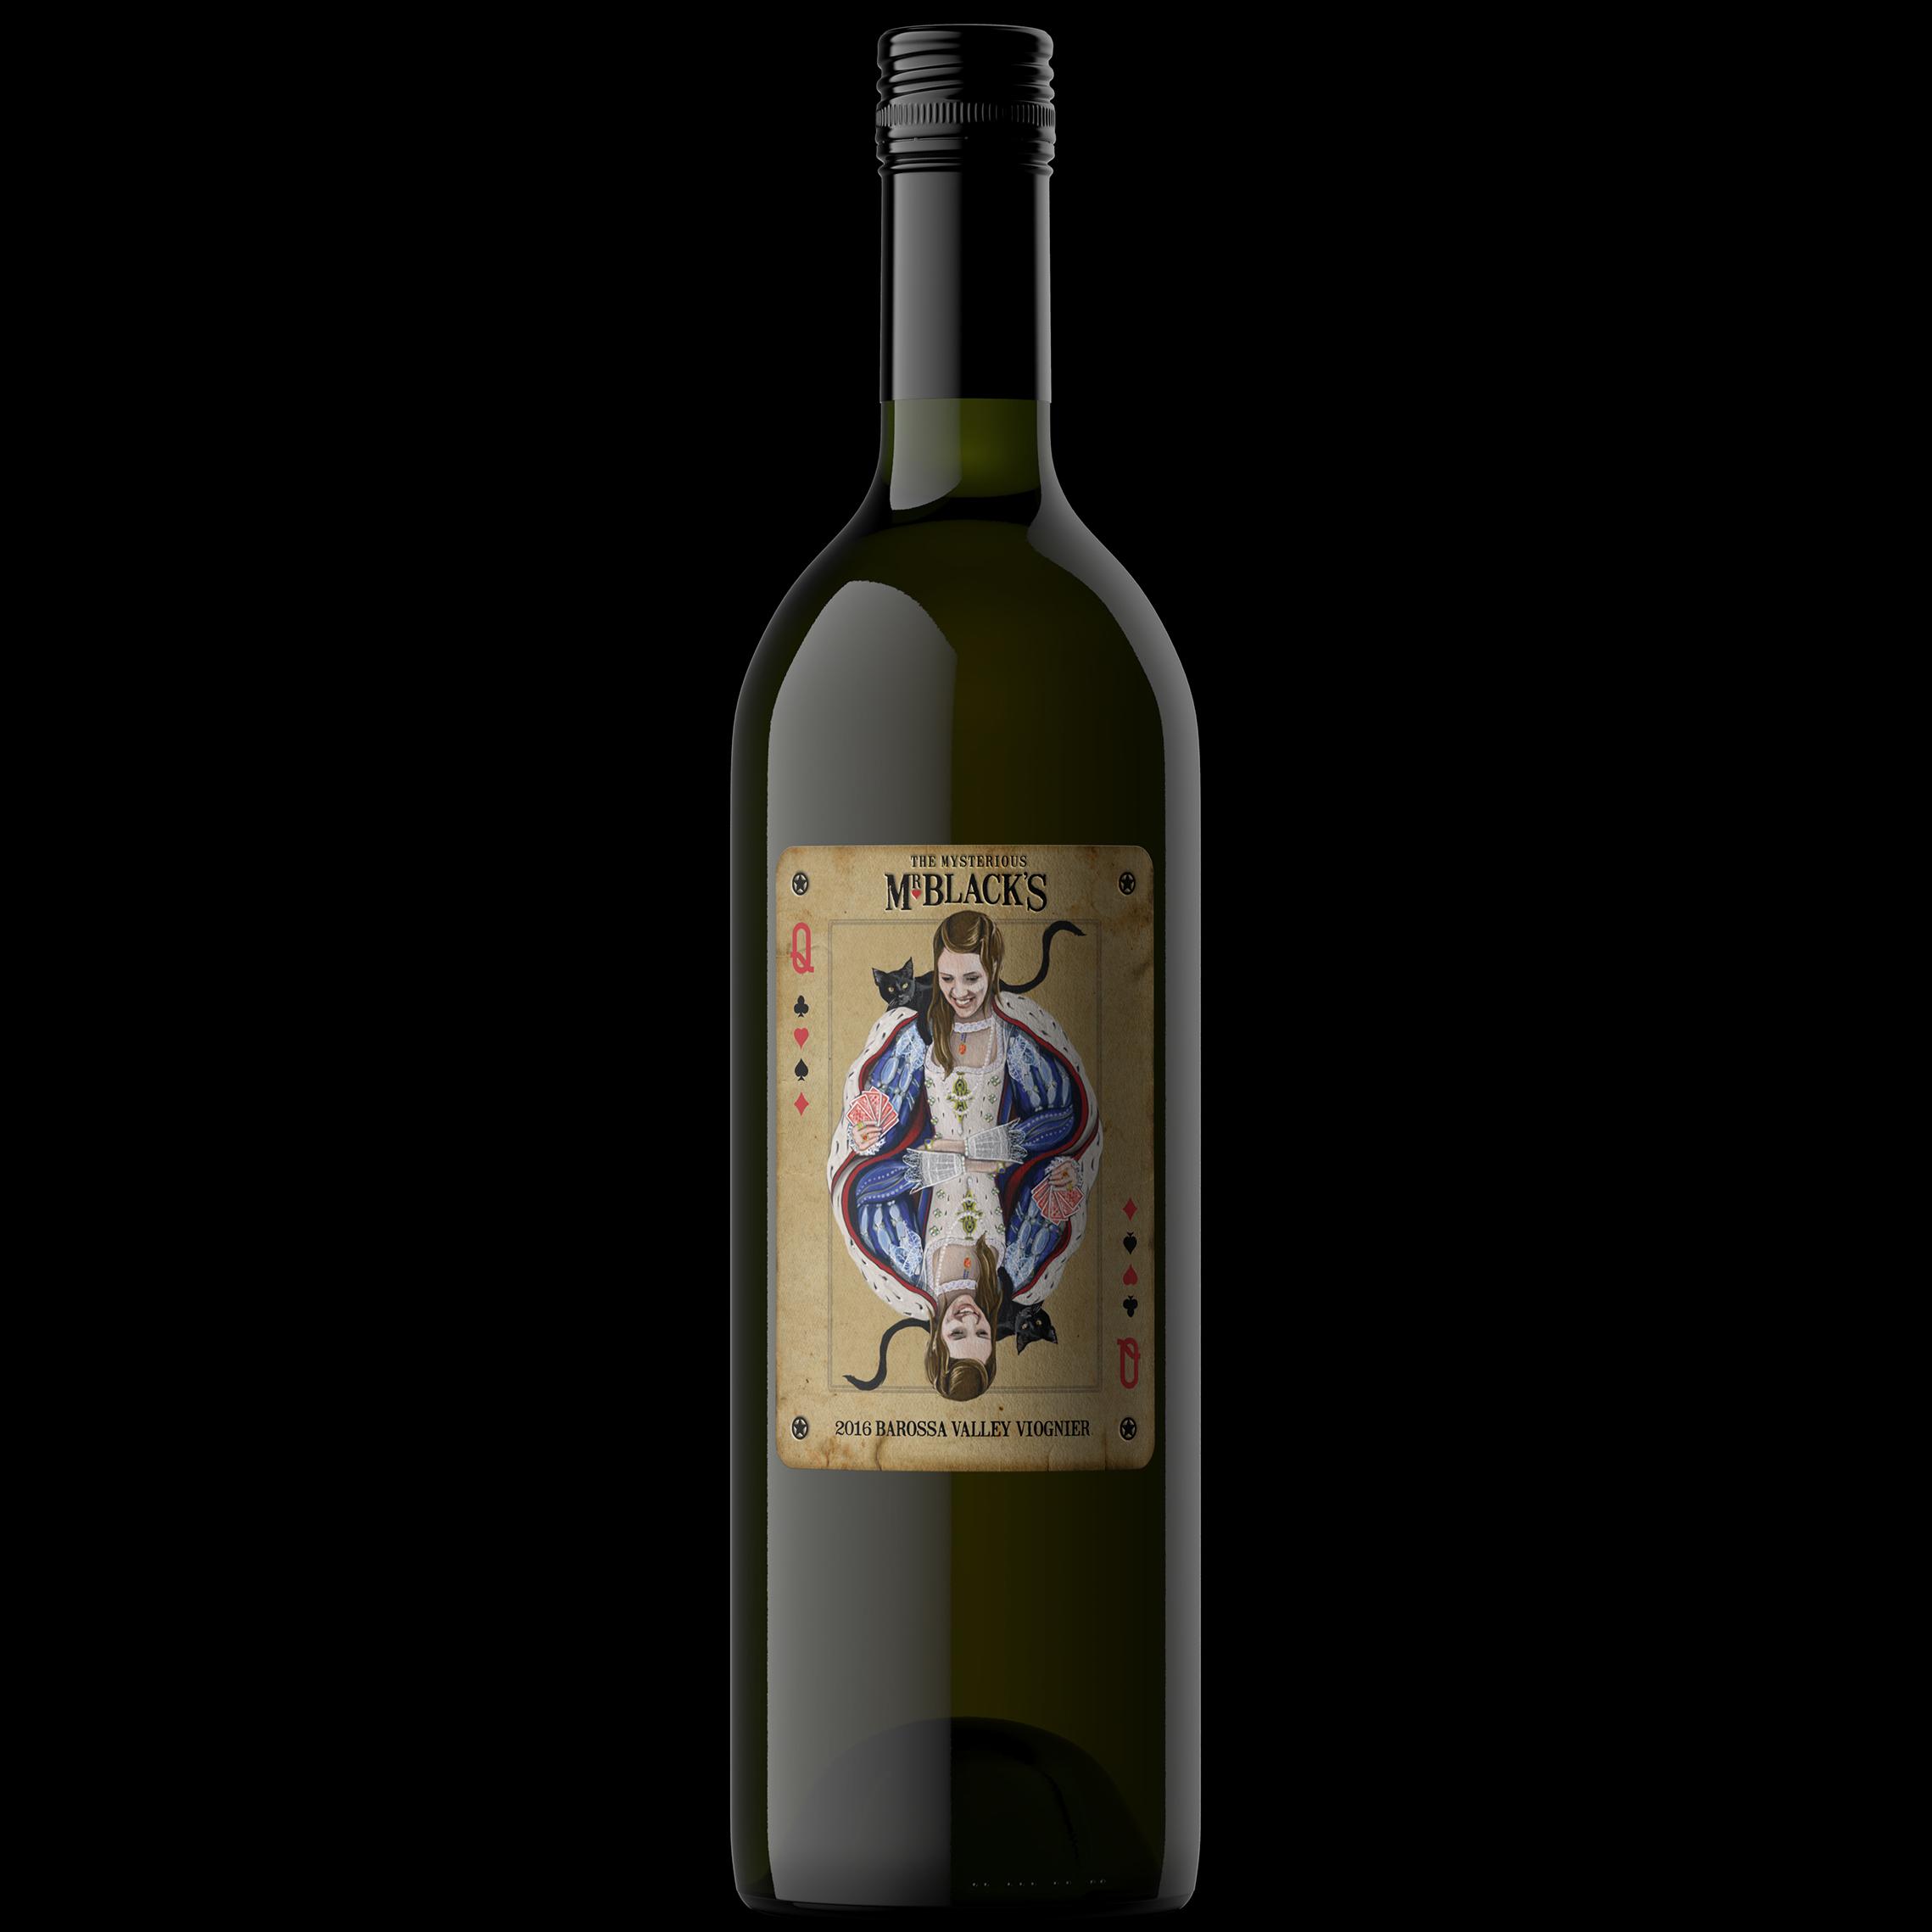 S-2016-The-Queen-Valley-Floor-Viognier-Mysterious-Mr-Black-Barossa-Wine-copy